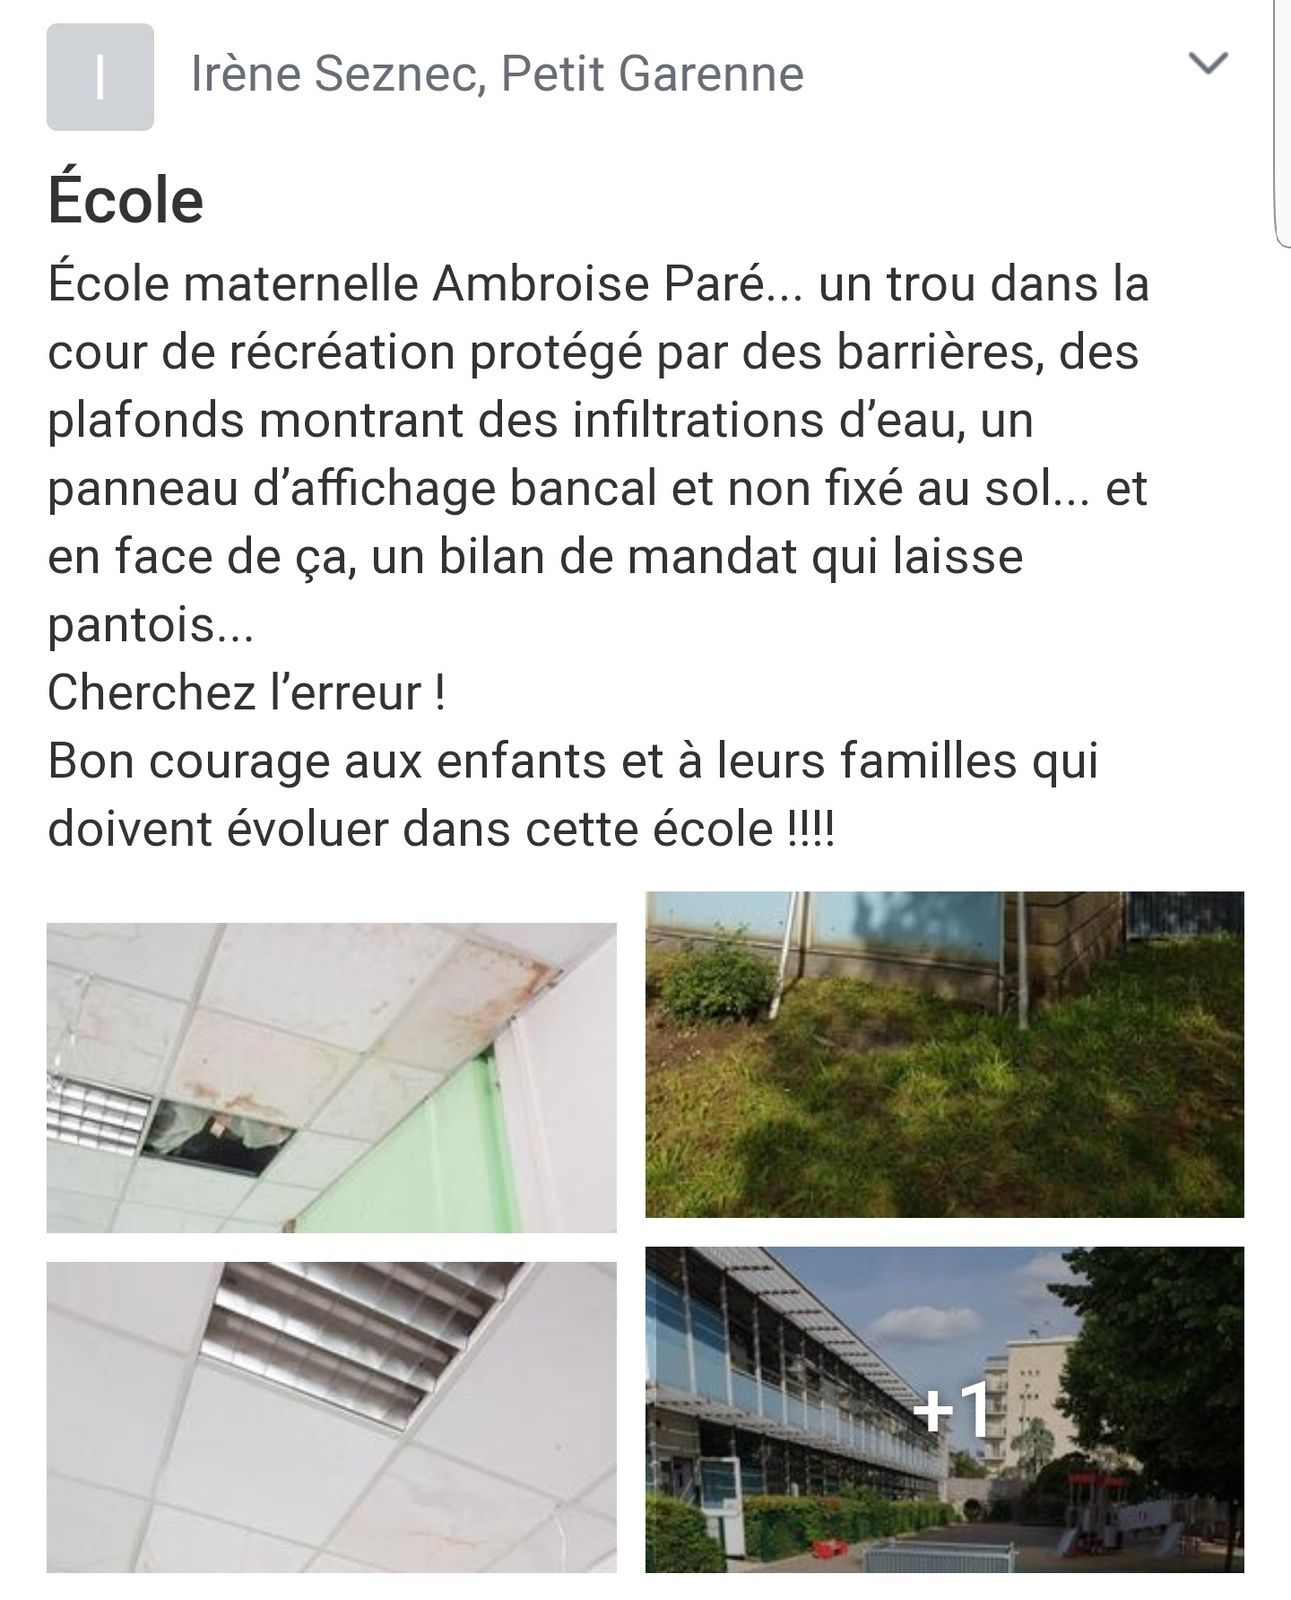 Colombes un bilan catastrophique sur les établissements gérés par la ville comme l' École maternelle Ambroise Paré